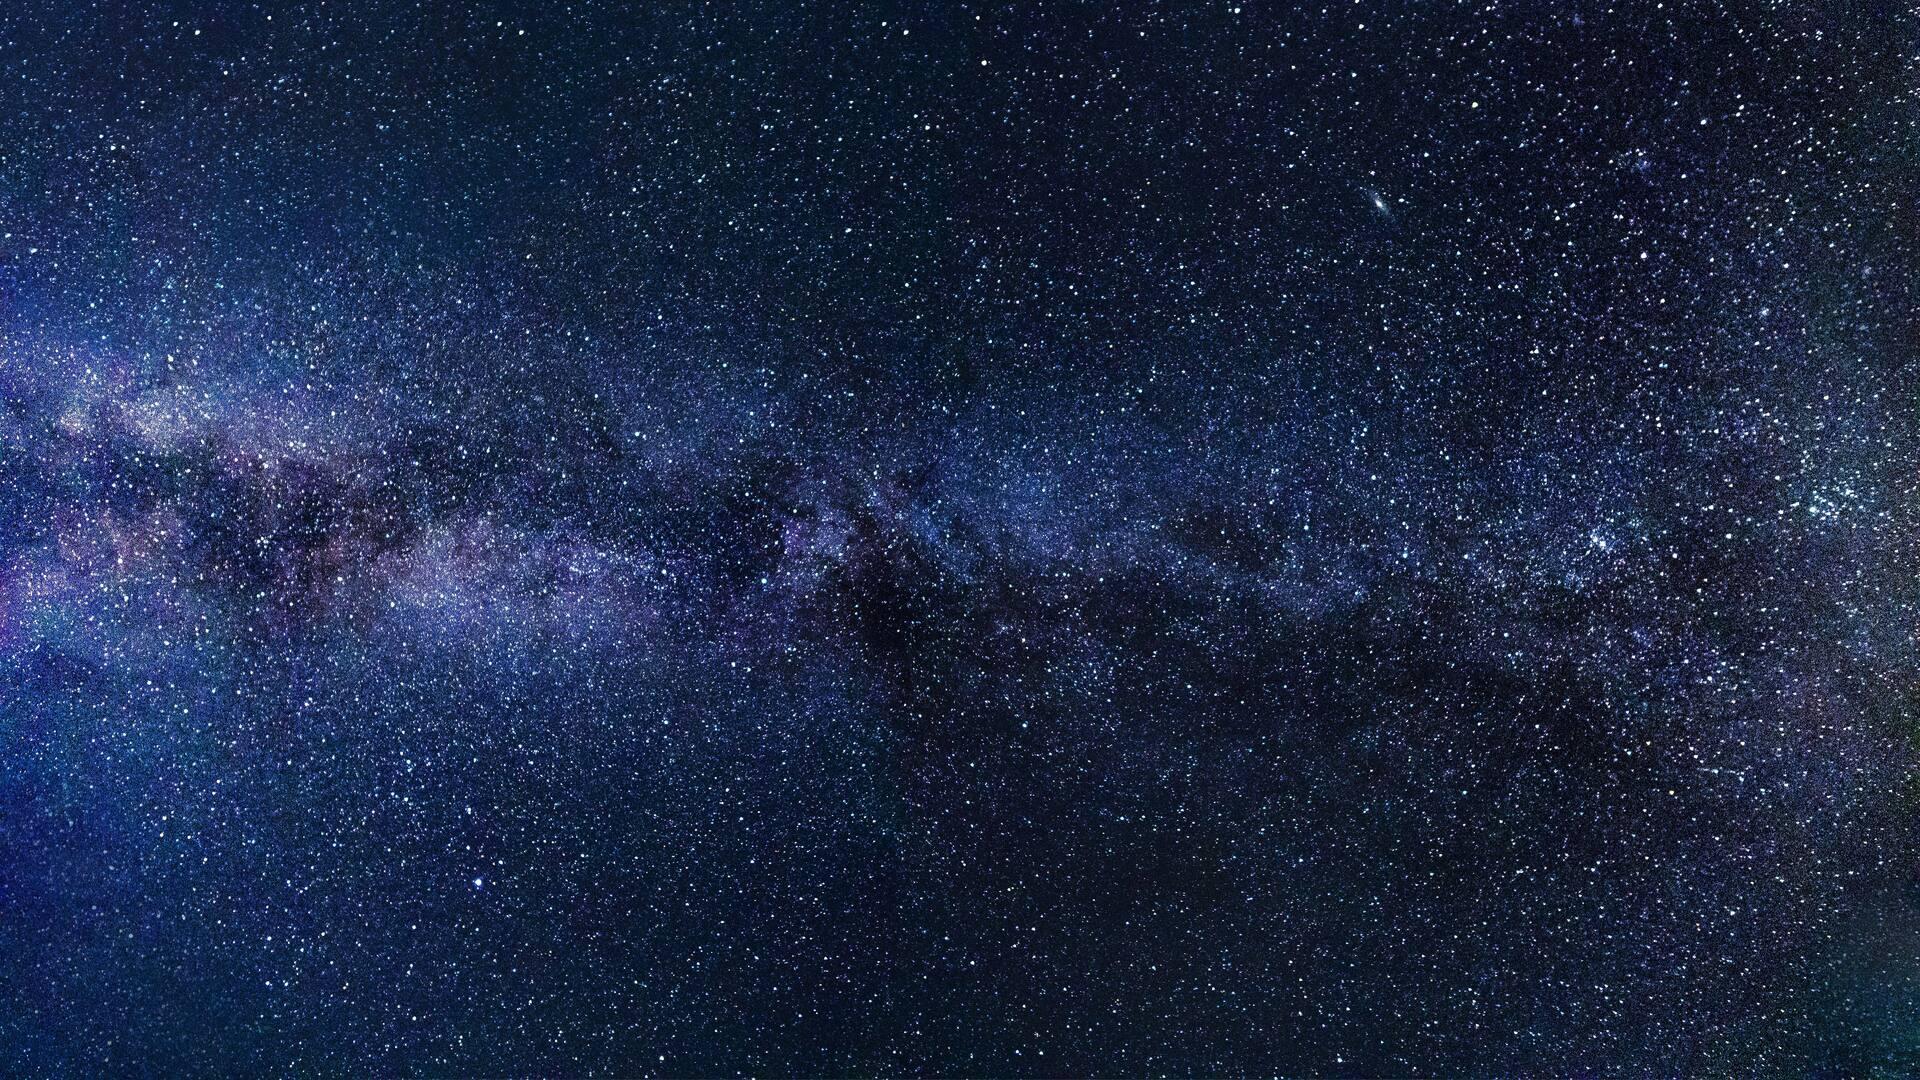 1920x1080 milky way starry sky night 5k laptop full hd 1080p hd 4k